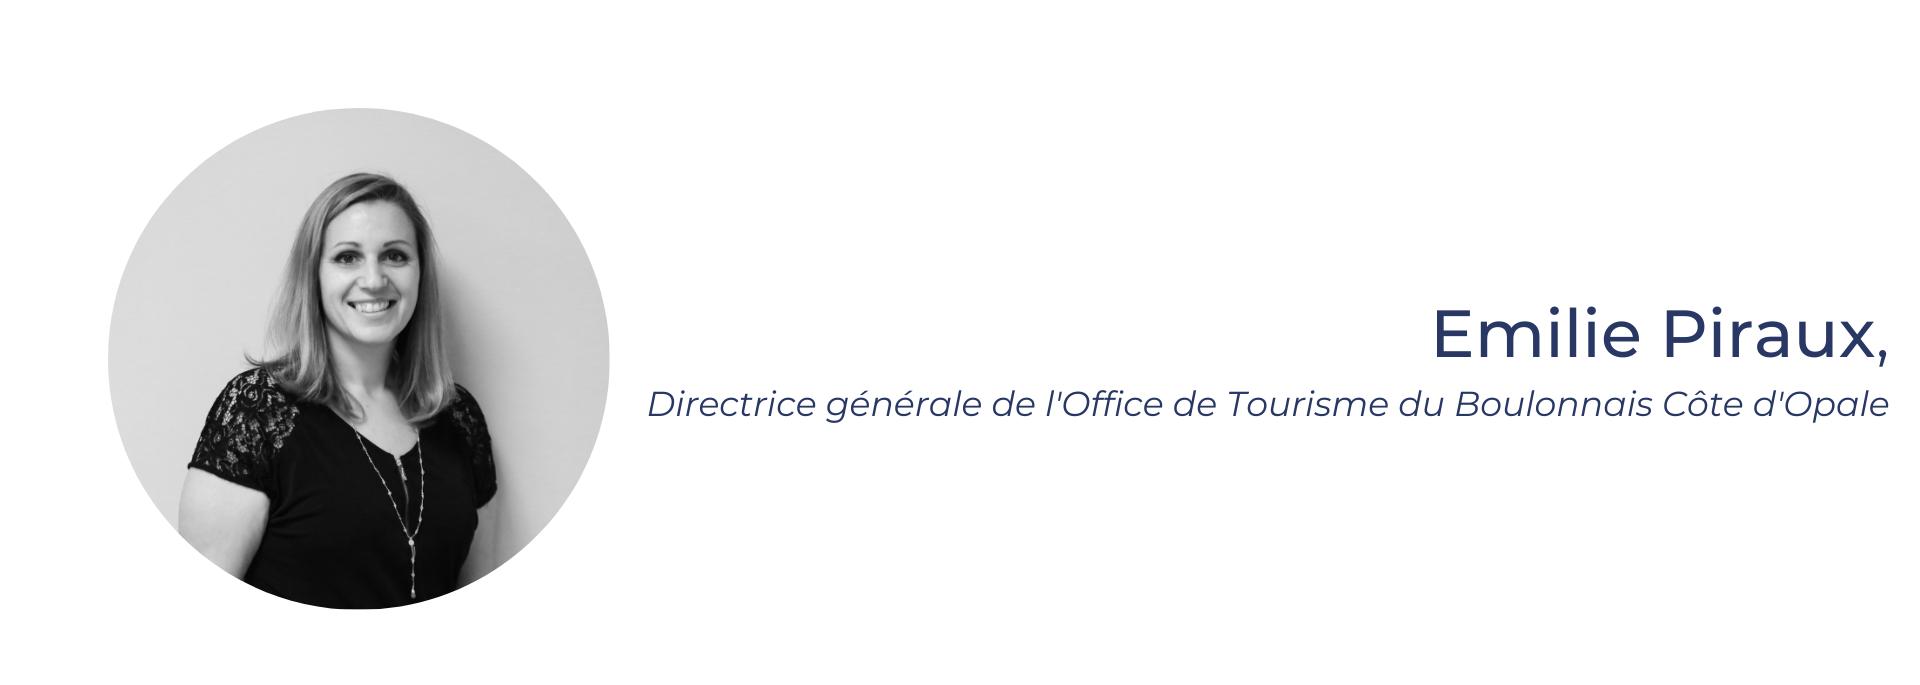 Emilie Piraux, directrice générale de l'Office de Tourisme du Boulonnais Côte d'Opale